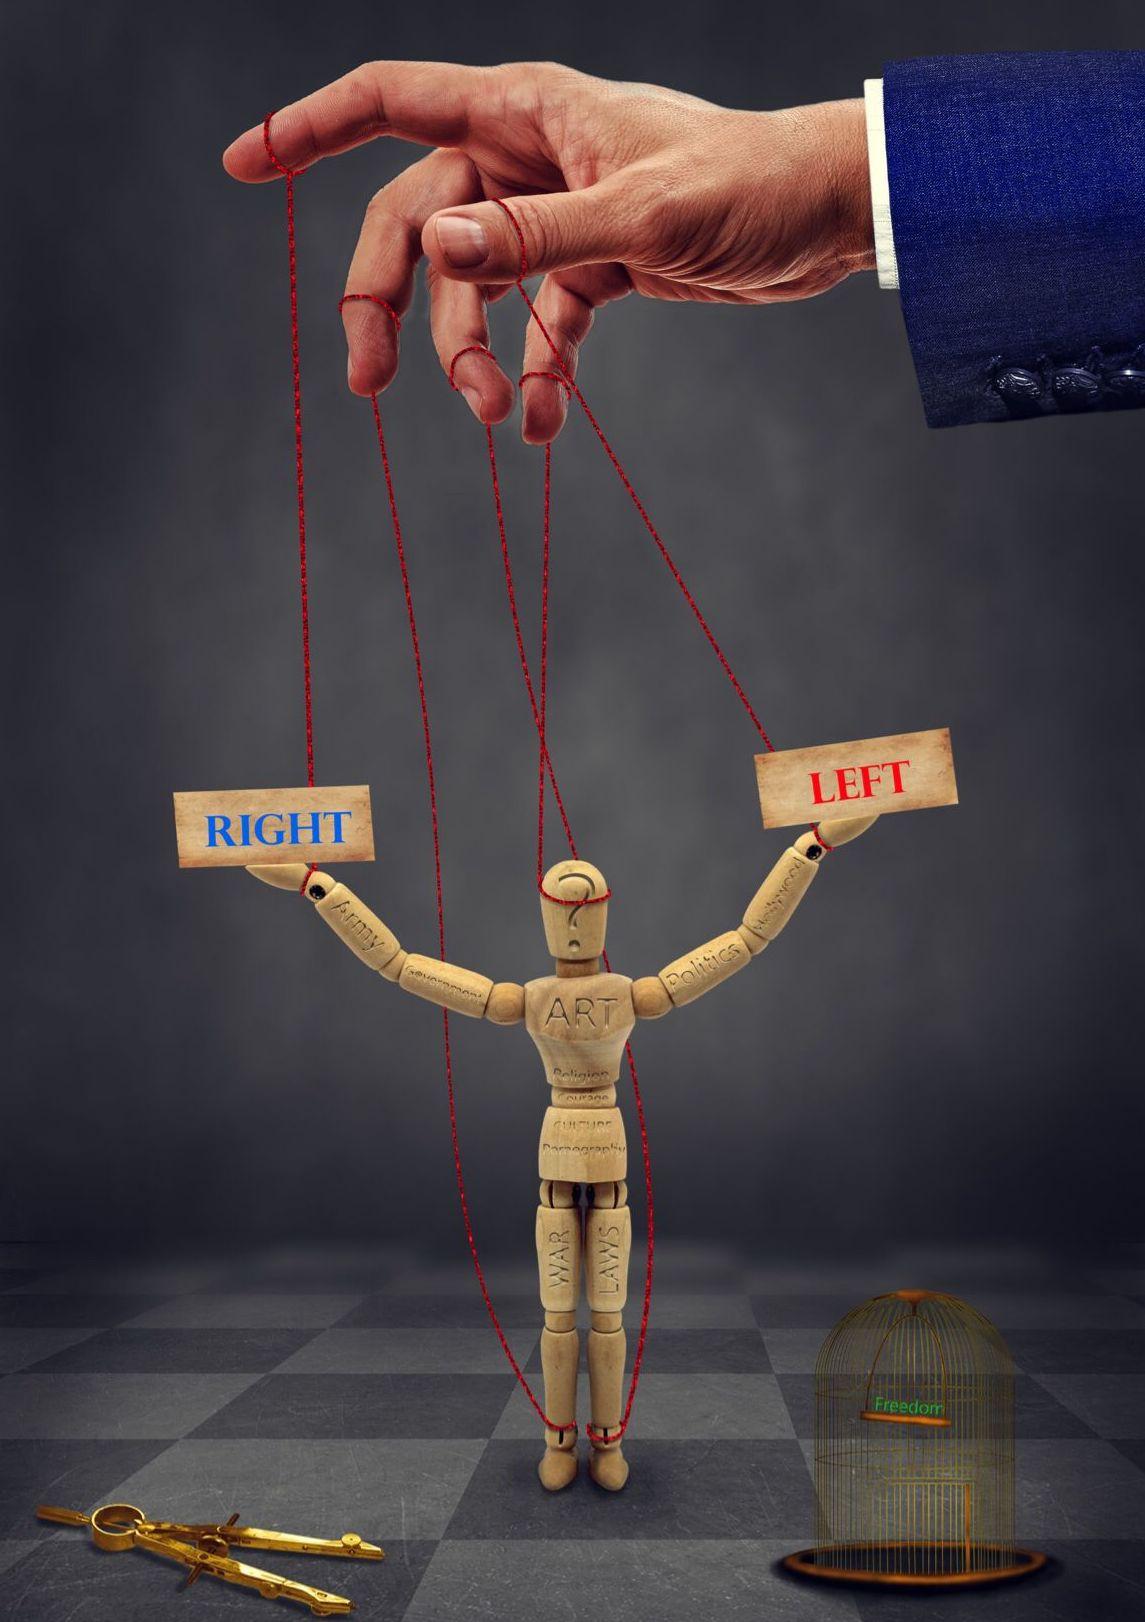 """Personas controladoras y posesivas: Cuando el """"único"""" camino es la imposición"""